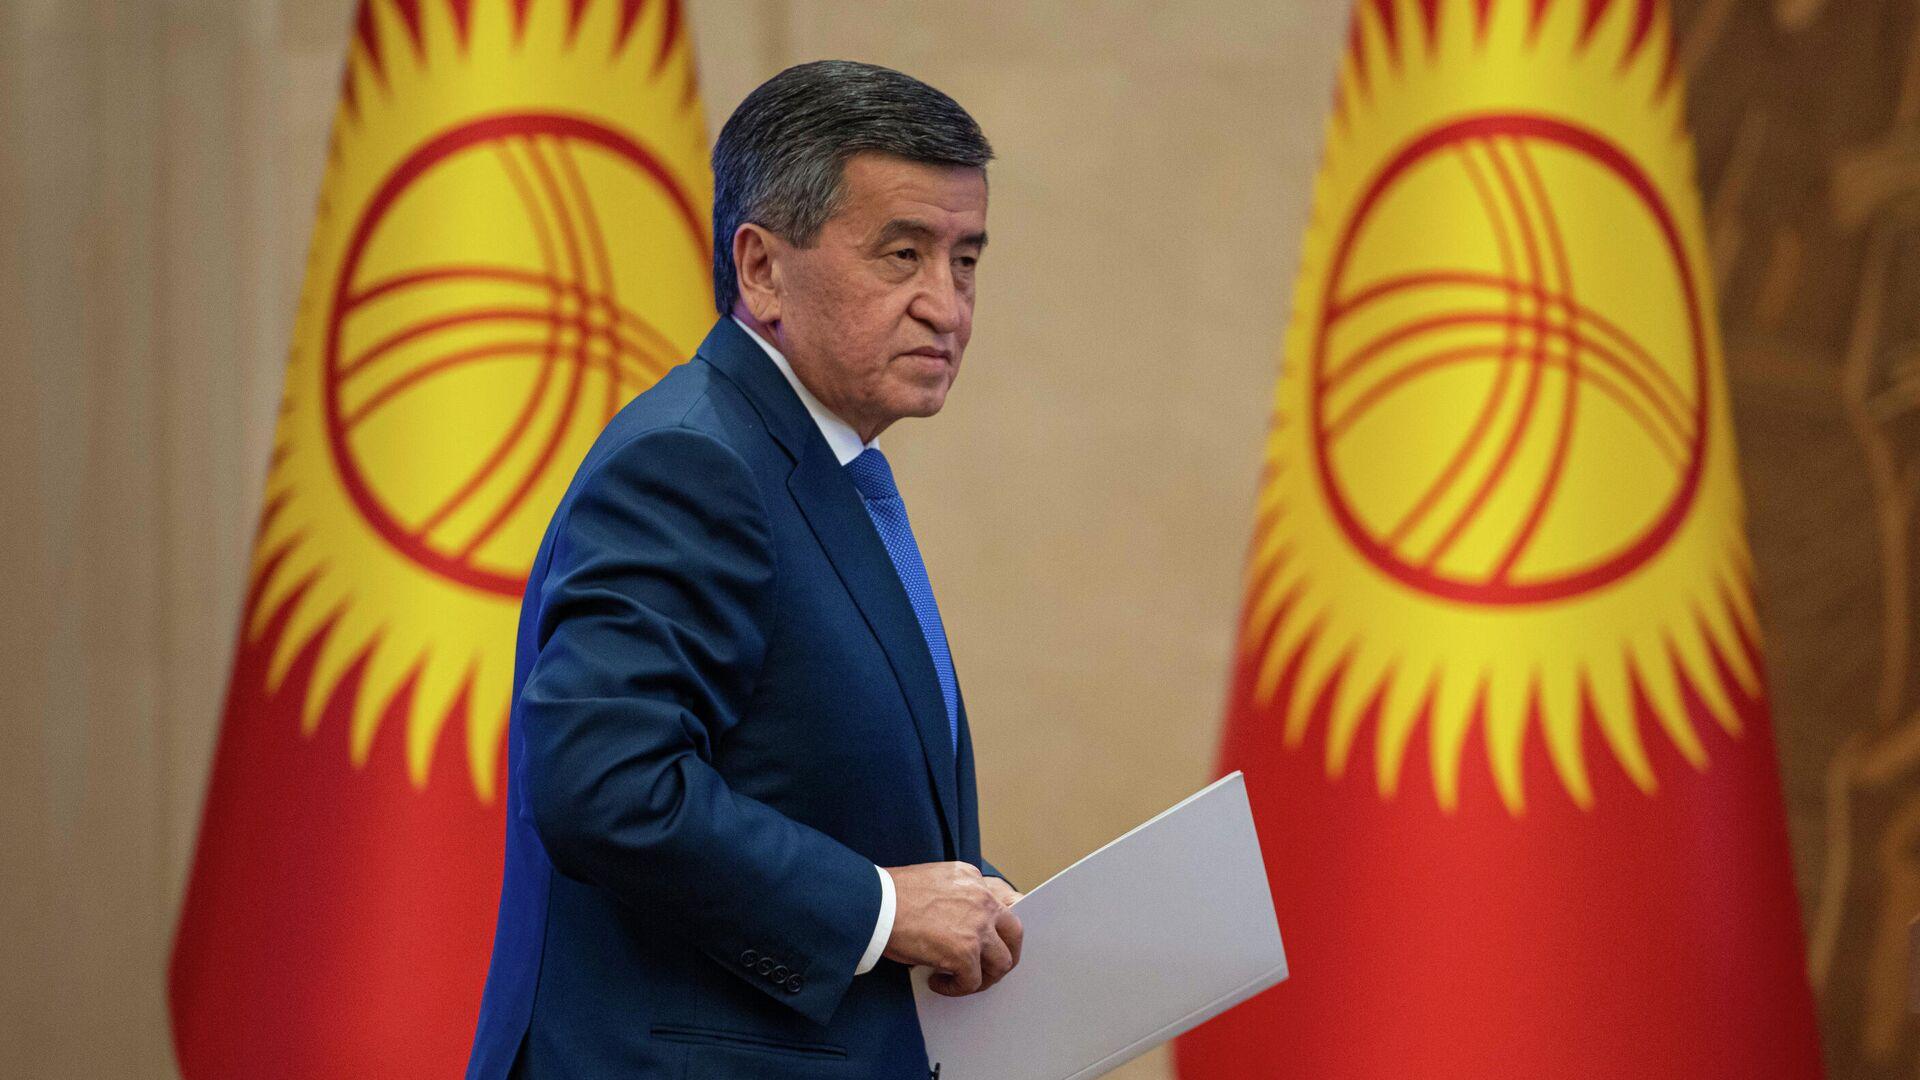 Сооронбай Жээнбеков на внеочередном заседании парламента Киргизии - РИА Новости, 1920, 16.10.2020